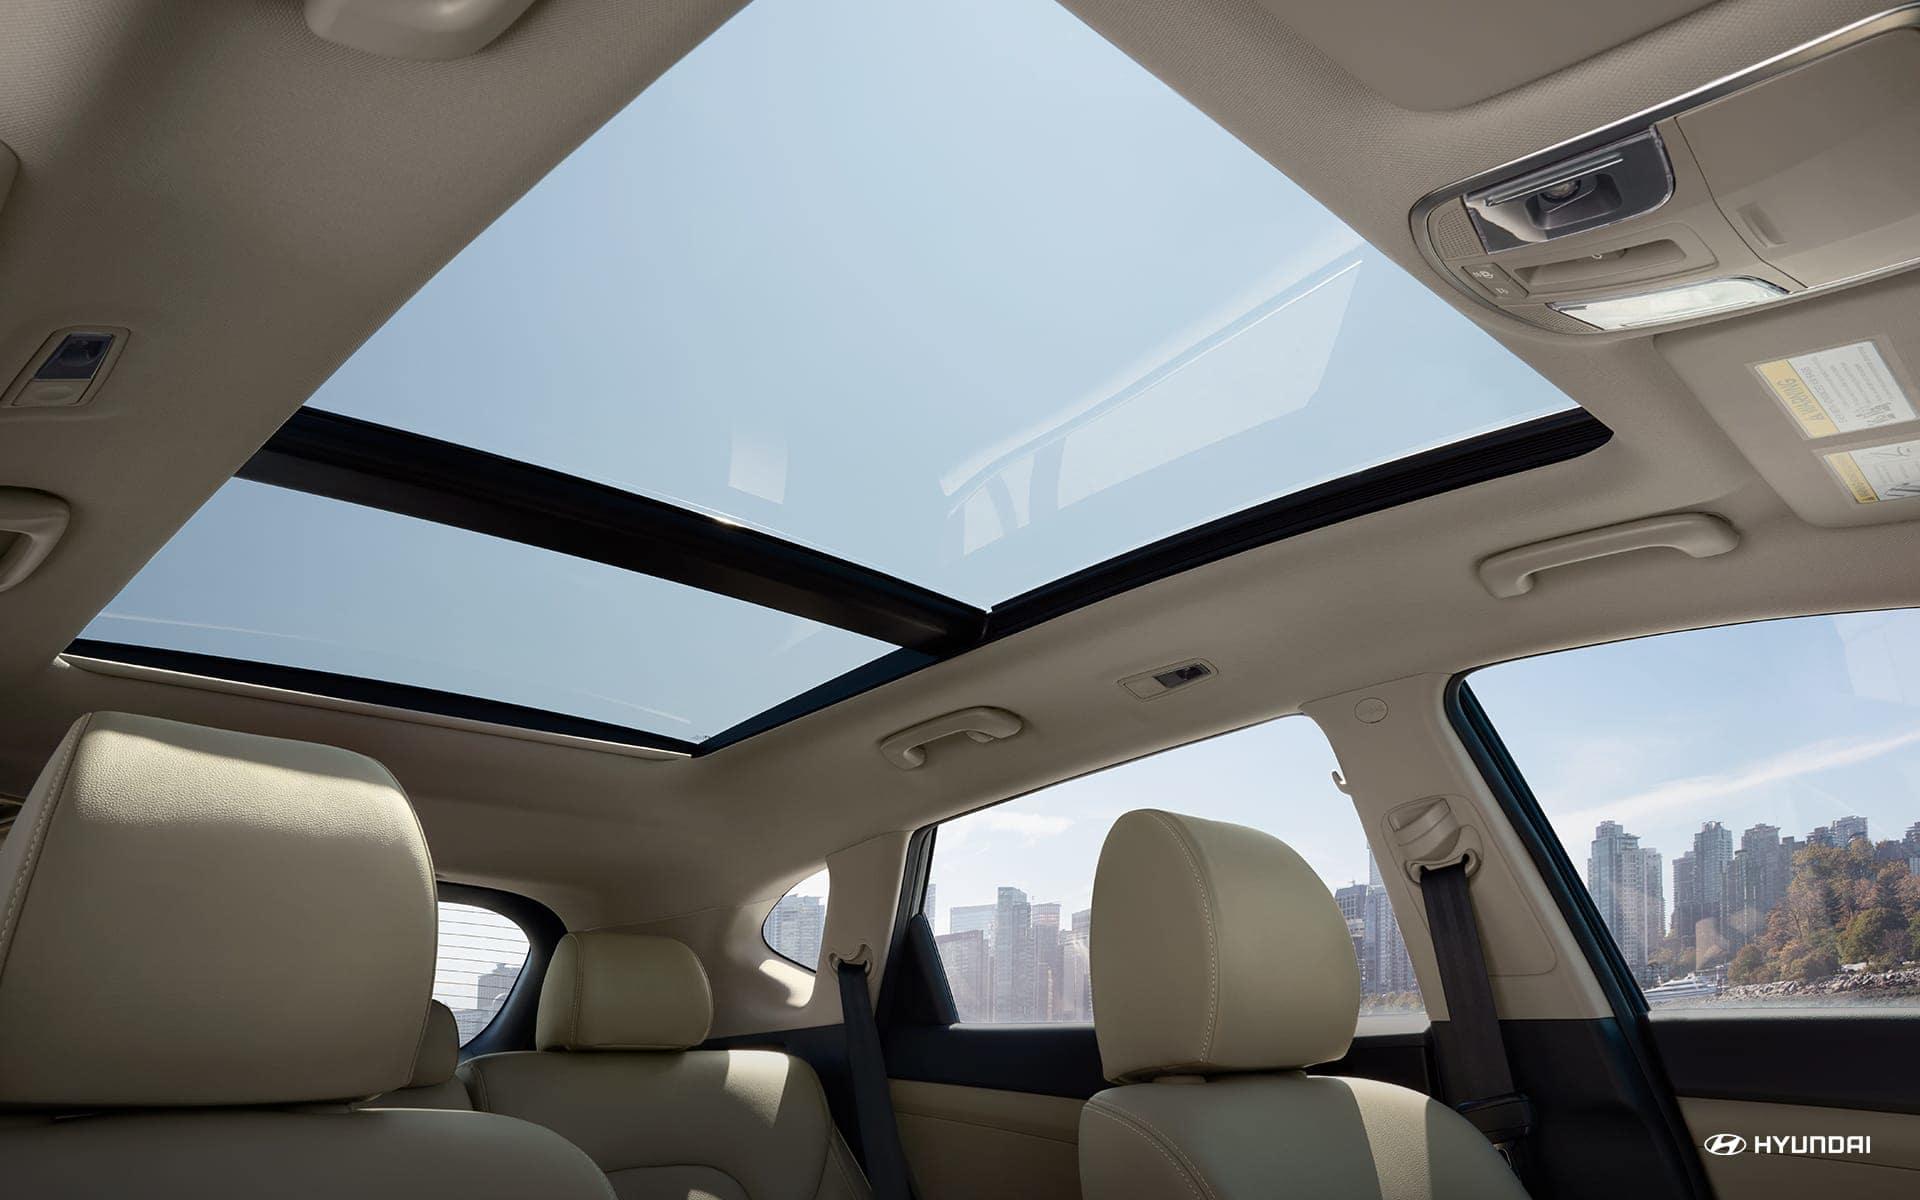 Techo panorámico para que disfrutes del sol incluso dentro del auto.